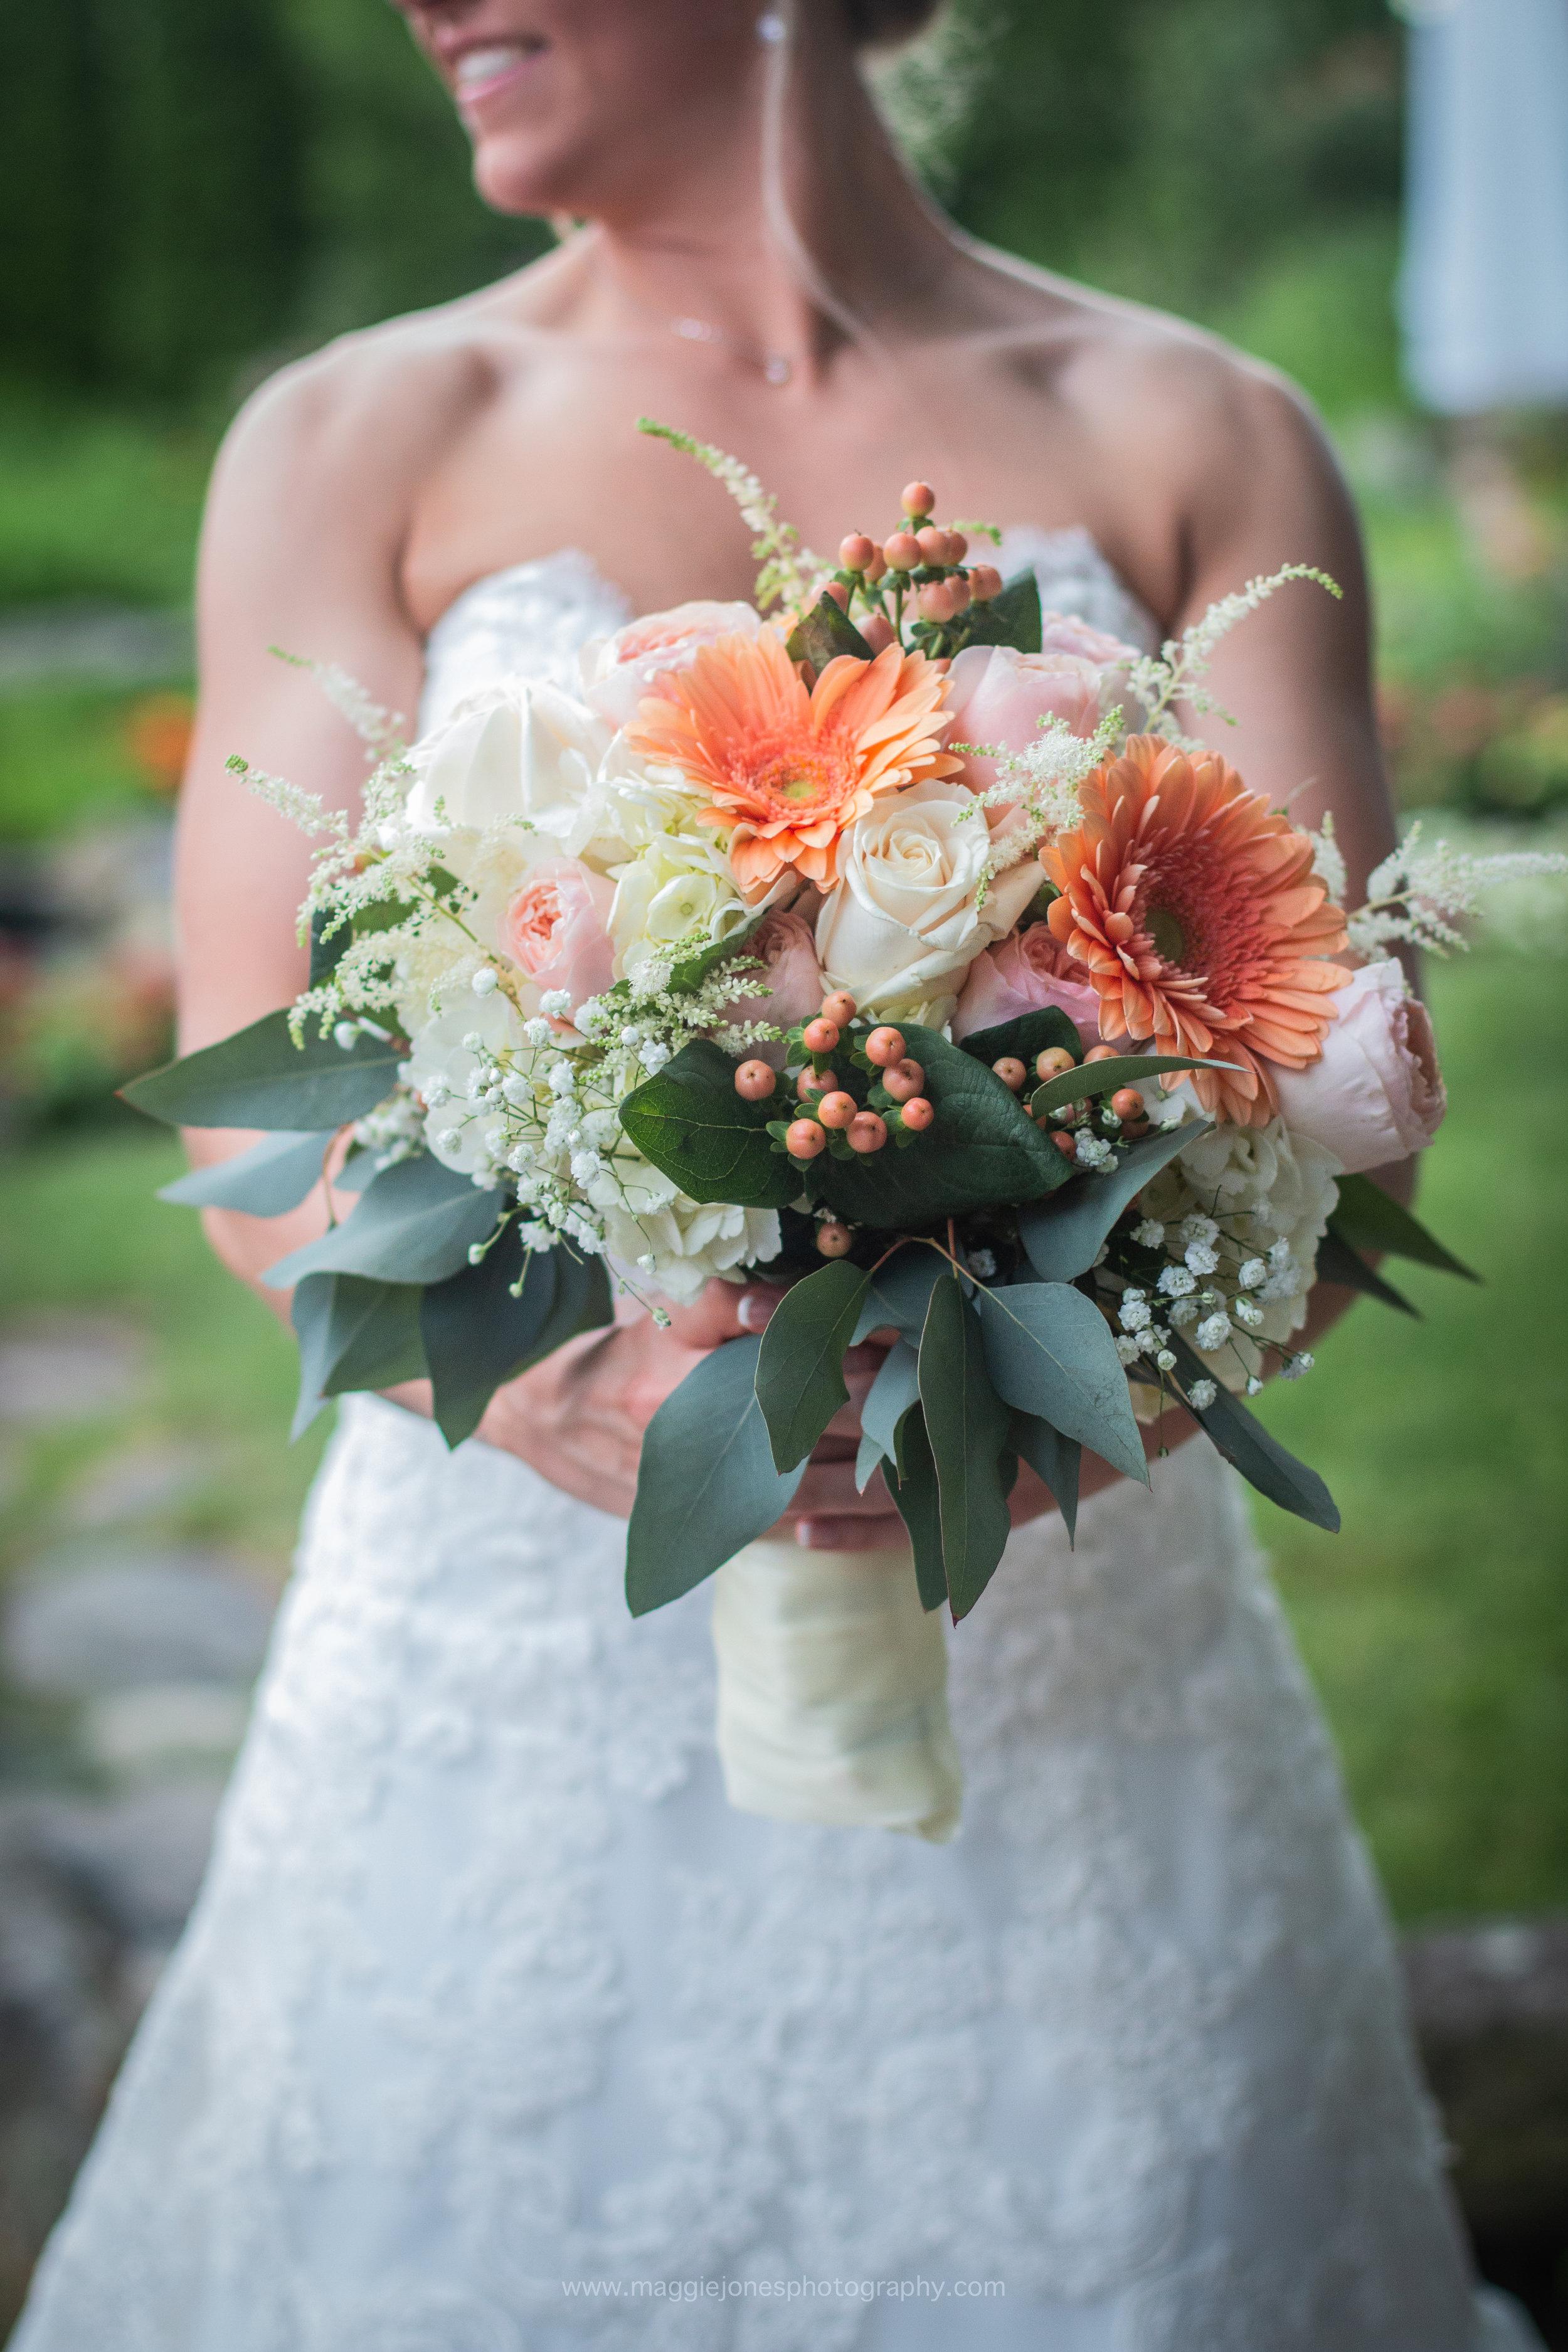 Ashley+DavidShaw_WEDDING_blog-1-57.jpg